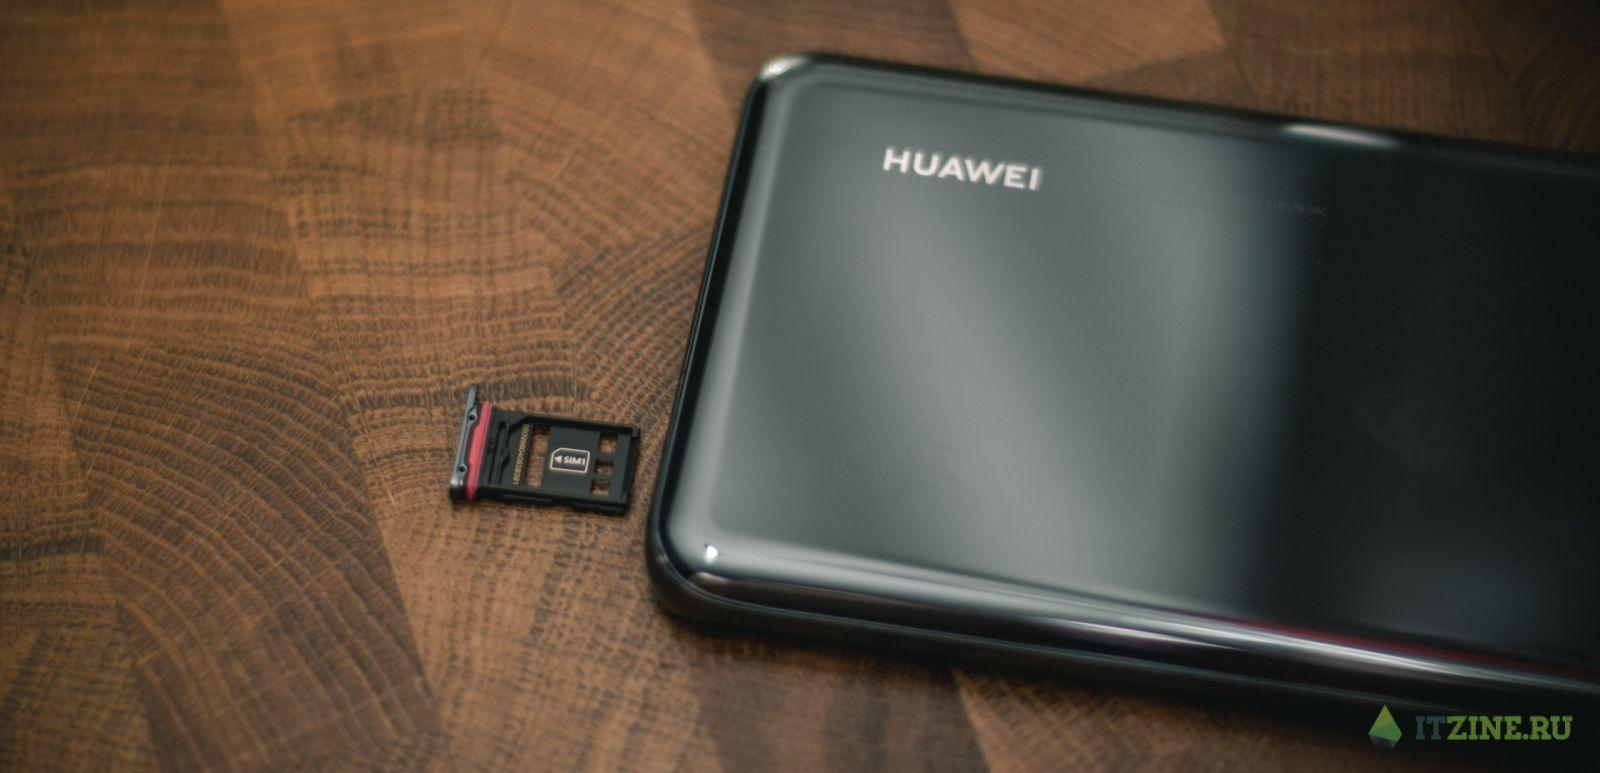 Флагманский камерофон. Обзор Huawei P40 Pro (dsc 8583)